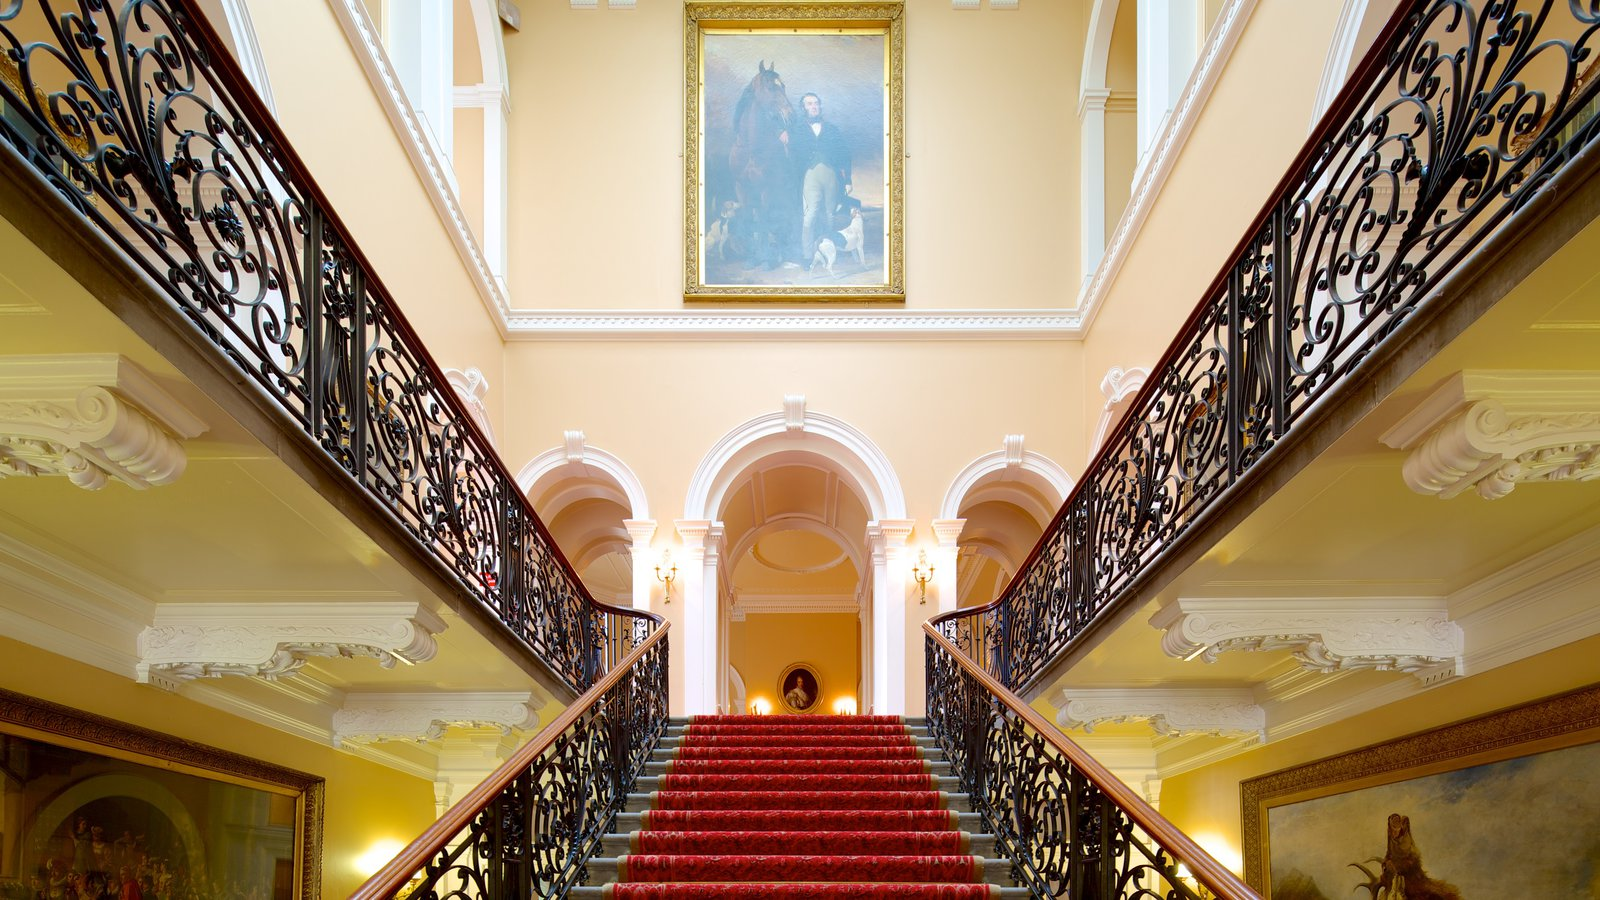 Croxteth Hall and Country Park ofreciendo un edificio administrativo, vistas interiores y castillo o palacio